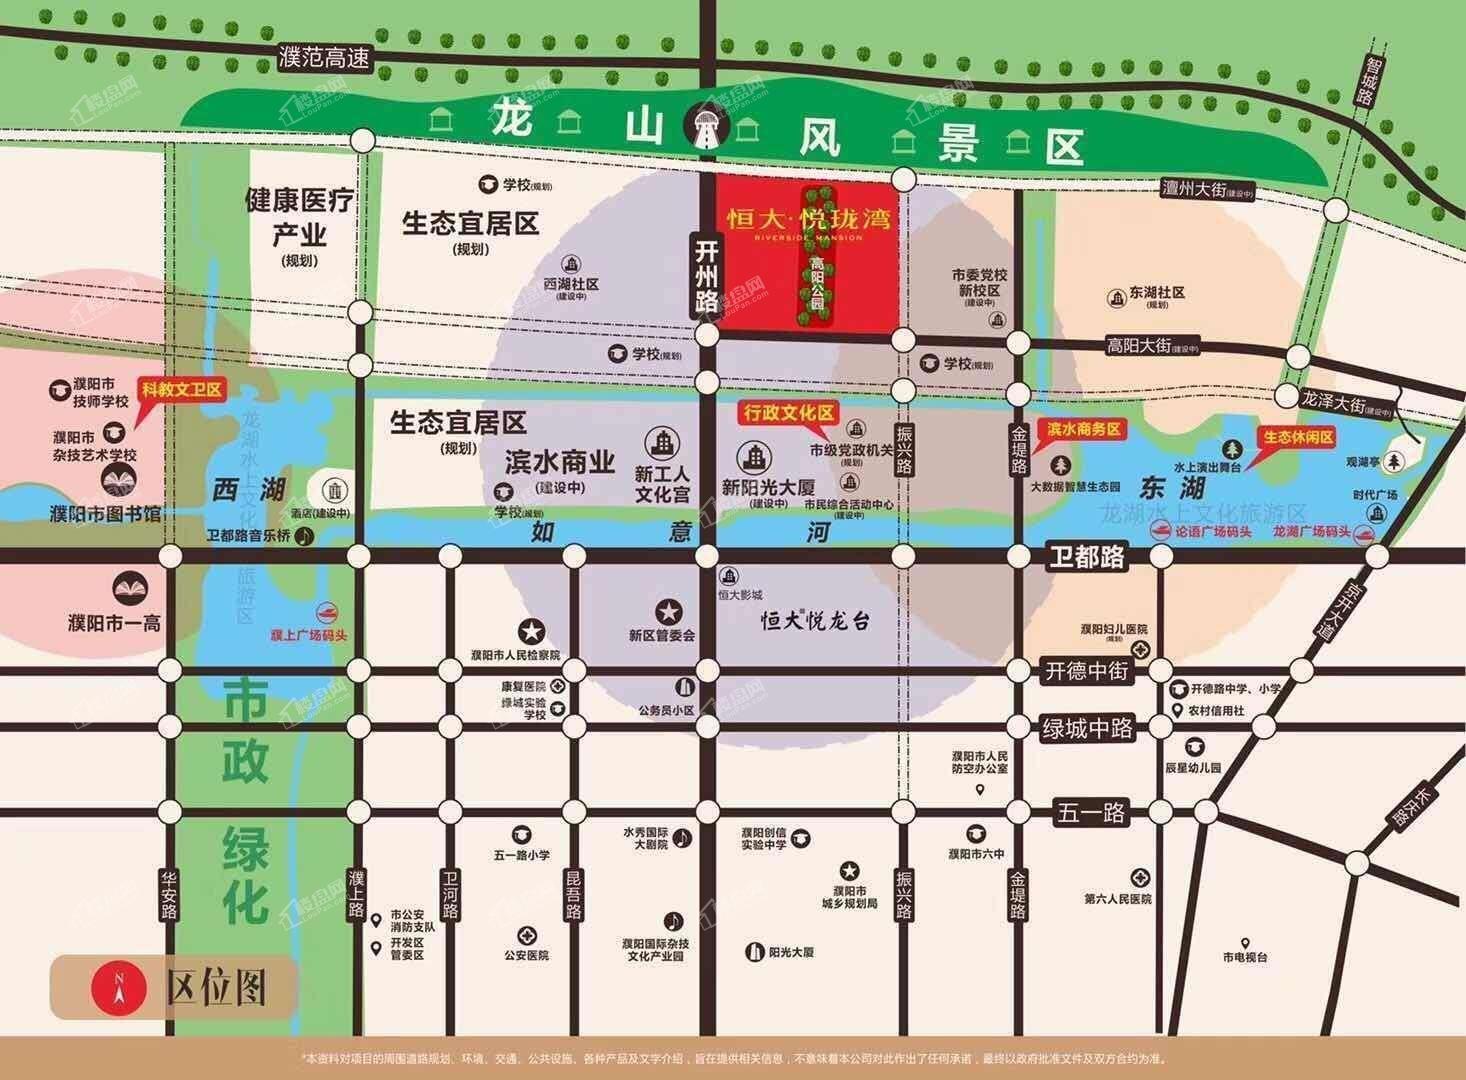 悦龙湾,渠道优惠,可享受团购价,无中介费,该房首付28万左右